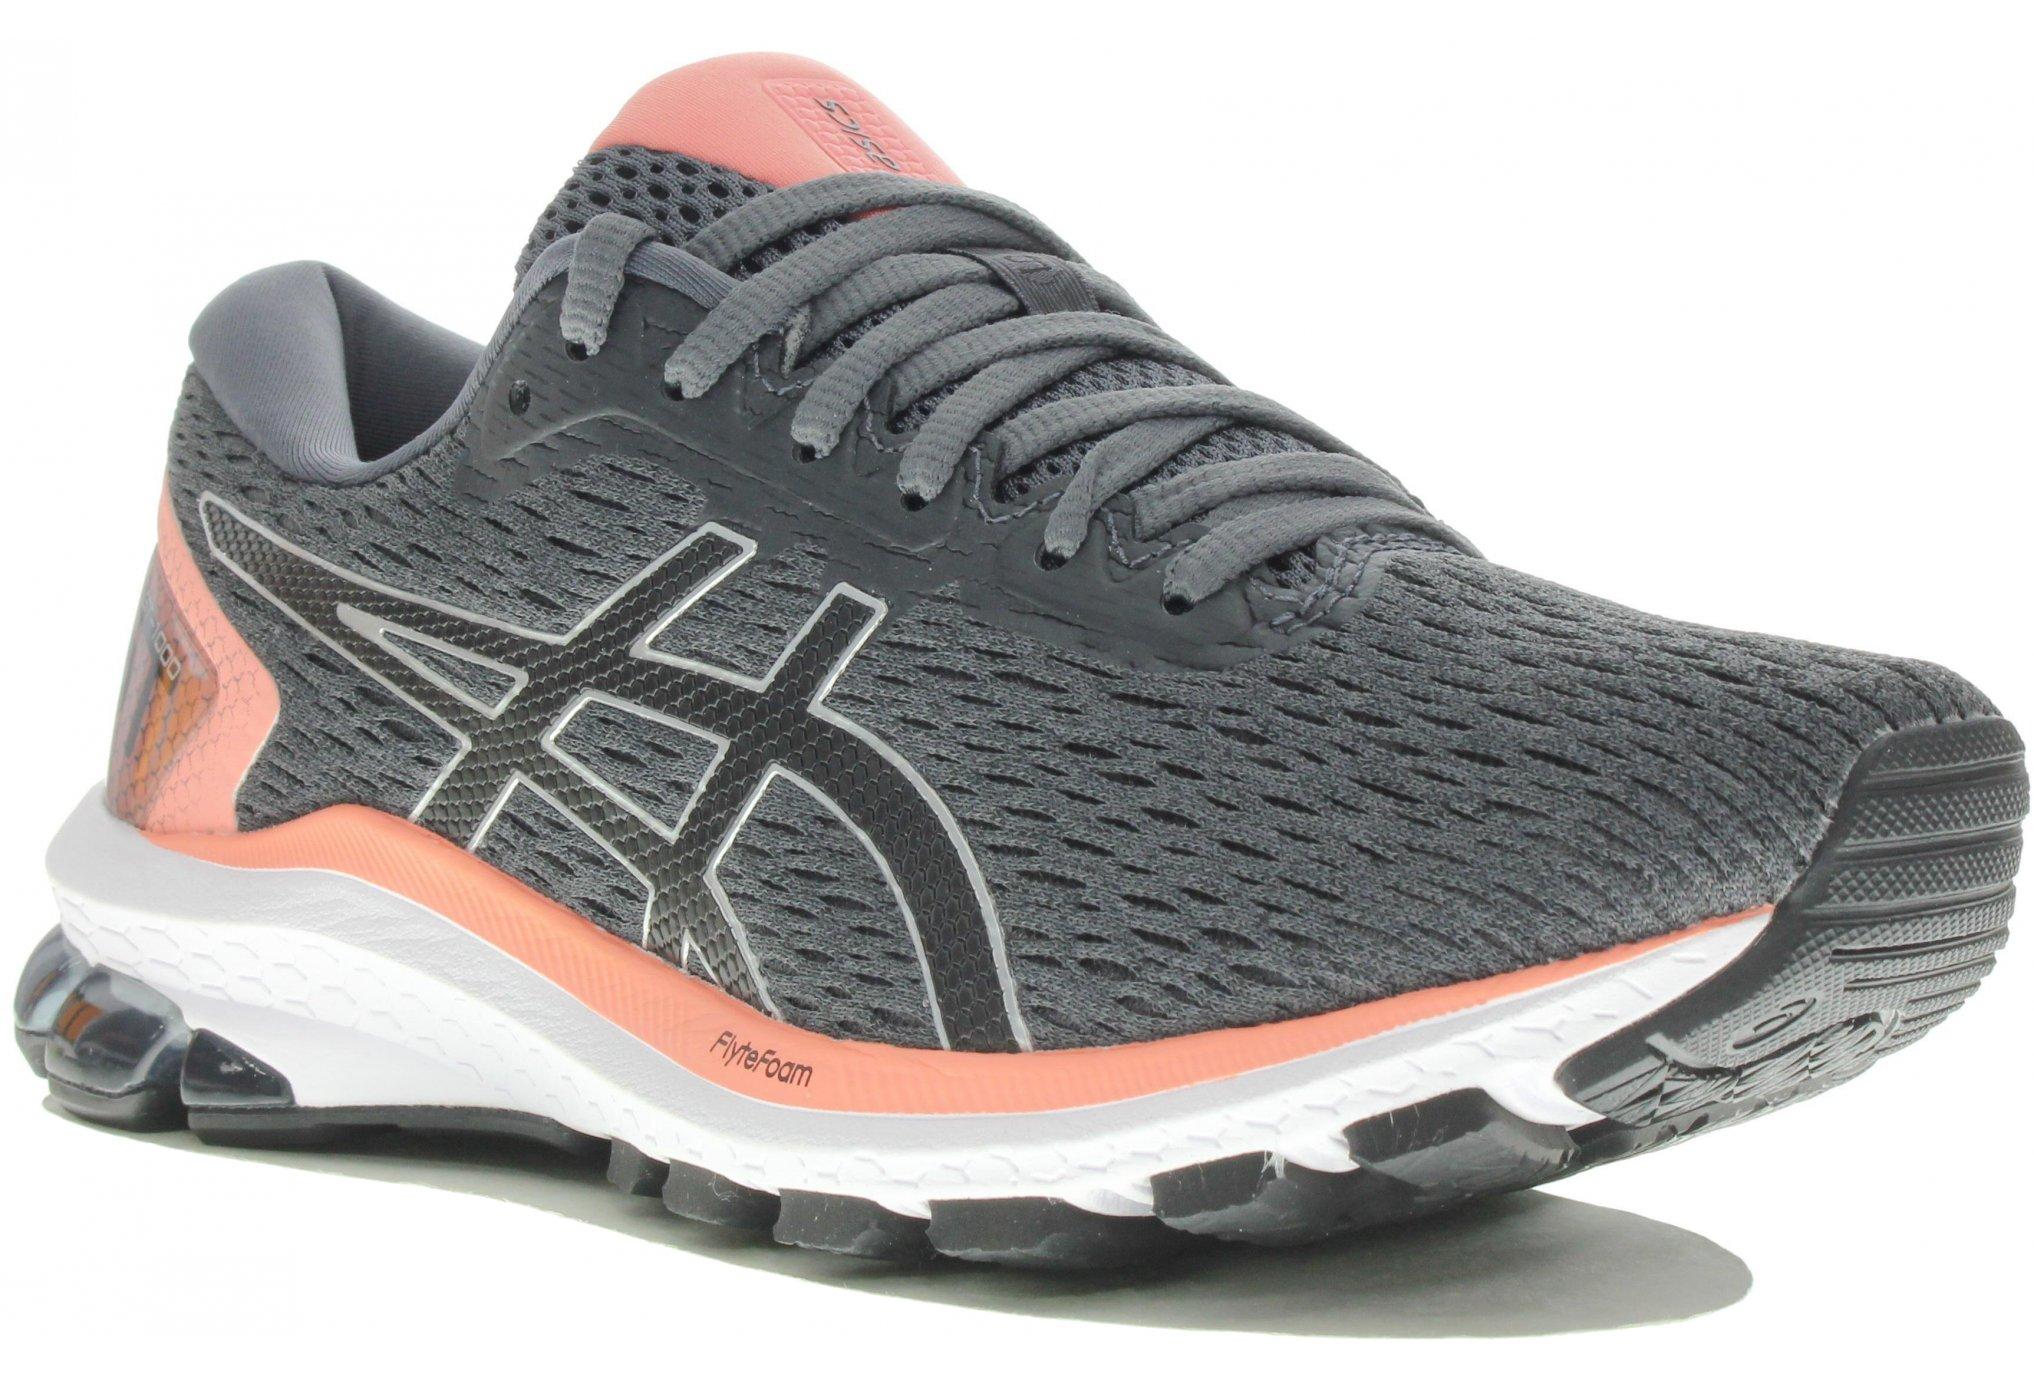 Asics GT-1000 9 W Chaussures running femme